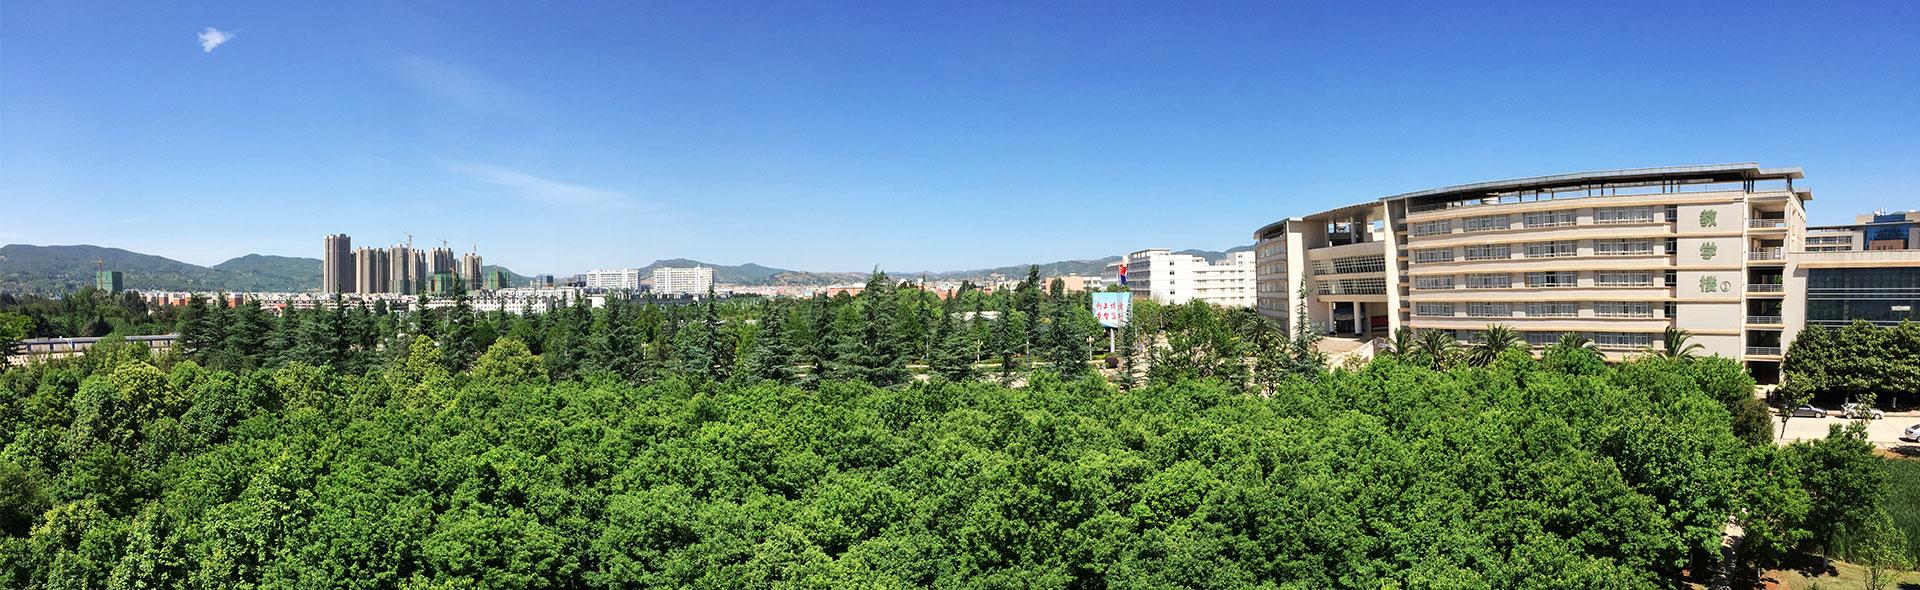 校园风景-枫树林-夏